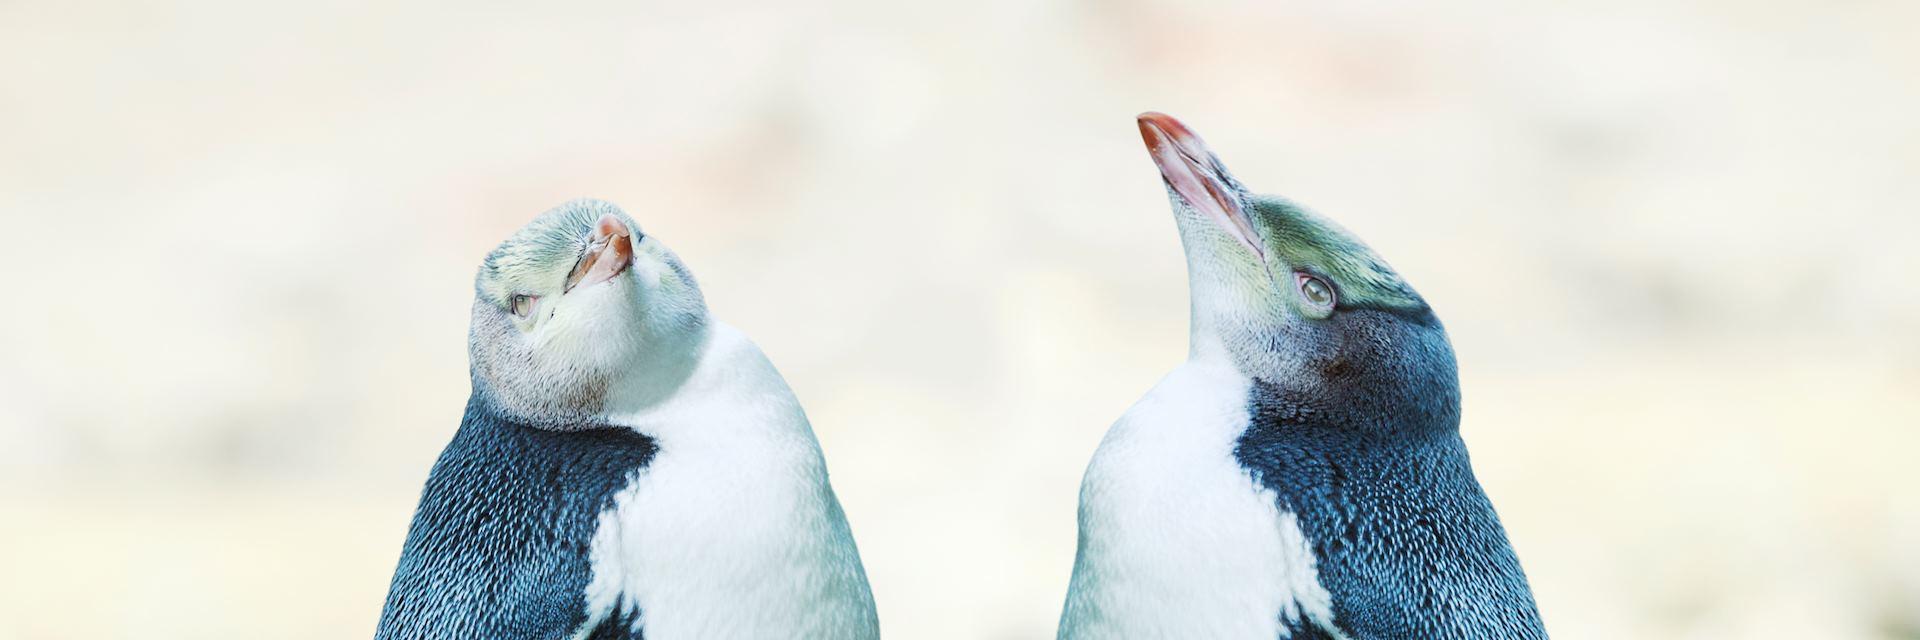 Yellow-eyed penguins, New Zealand